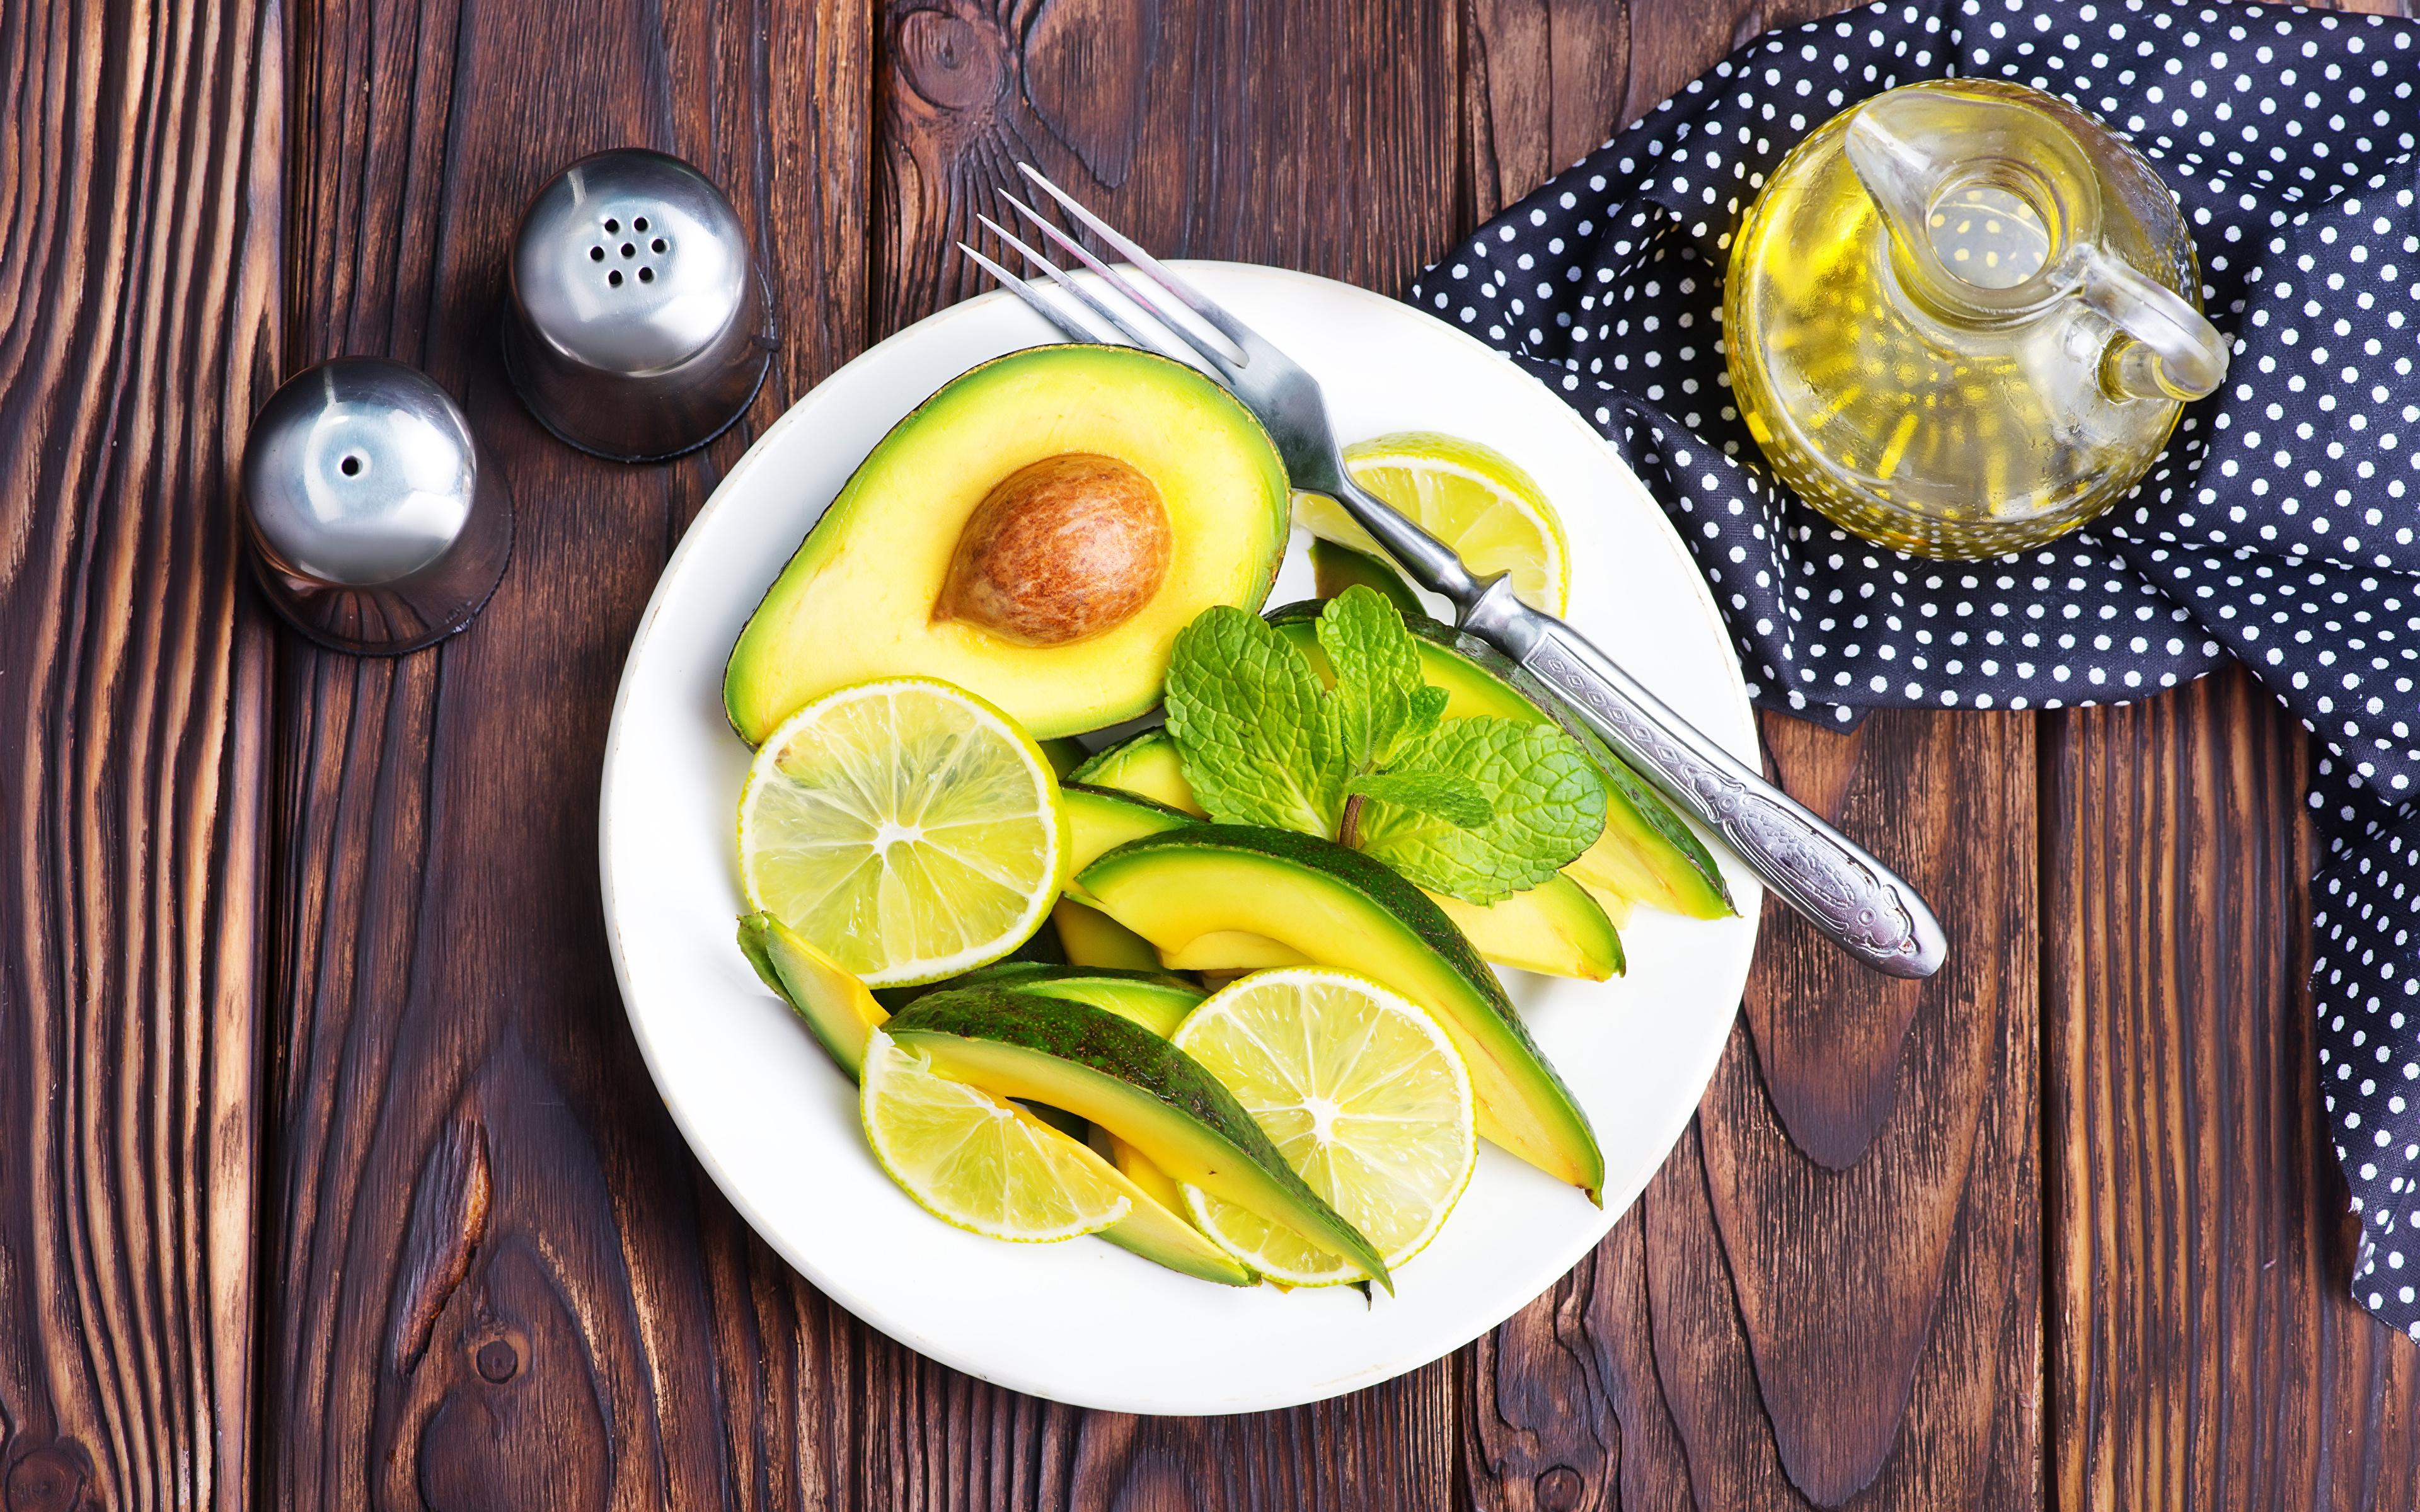 Обои Лимоны Авокадо Еда вилки Салаты Тарелка Доски 3840x2400 Пища тарелке Вилка столовая Продукты питания